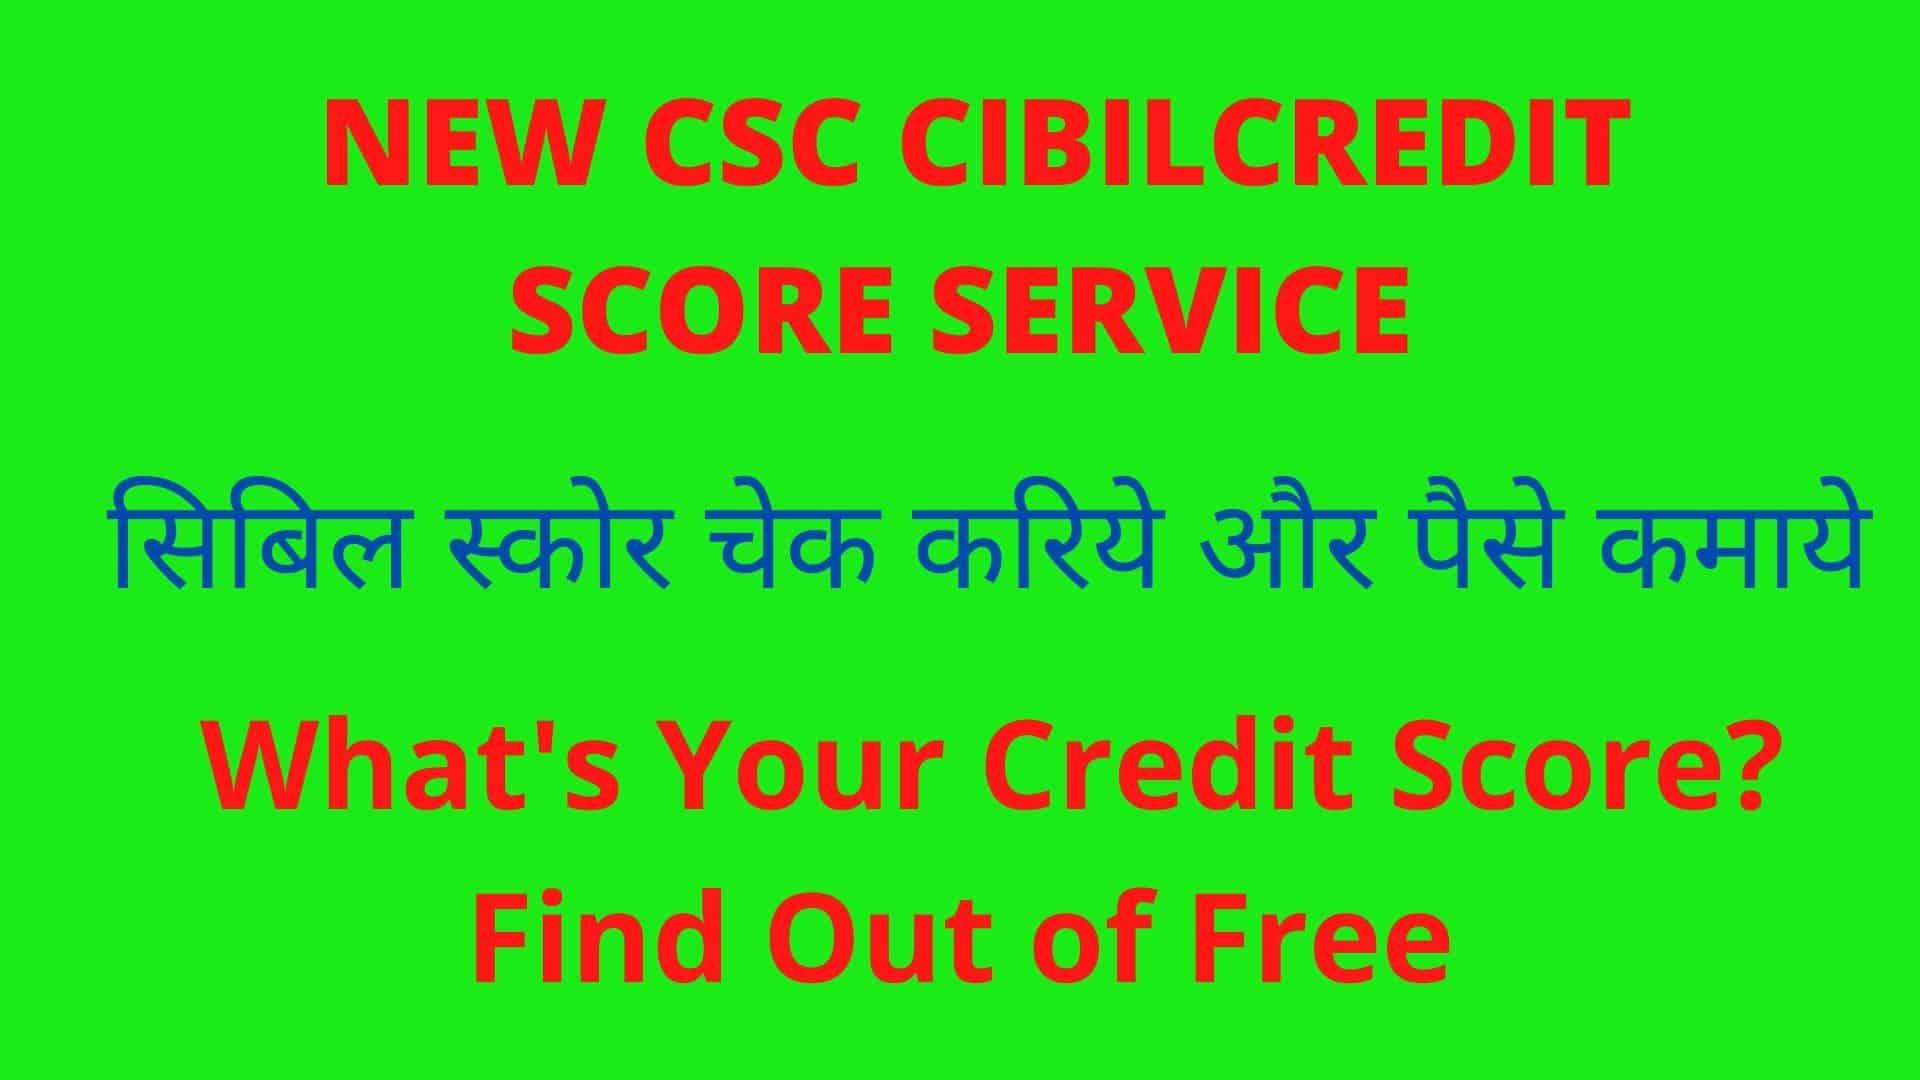 _NEW CSC CIBILCREDIT SCORE SERVICE